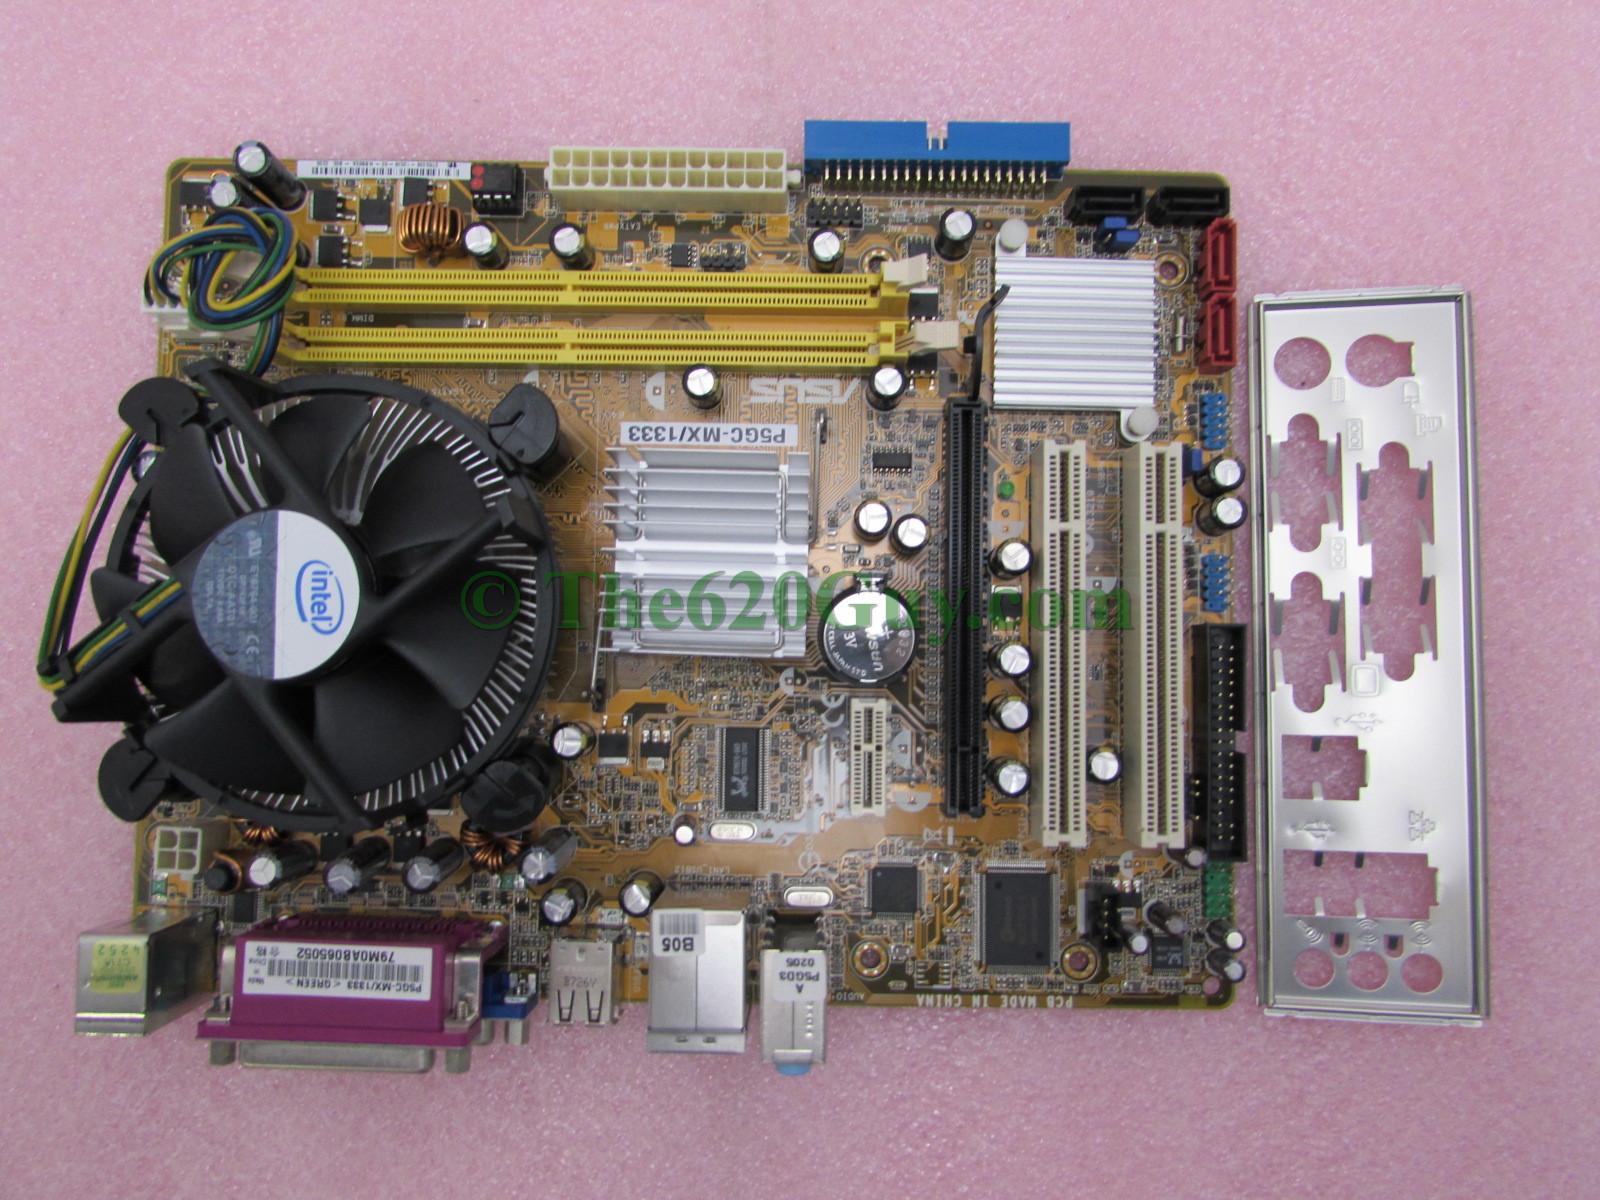 Asus P5gc MX 1333 драйвера скачать - картинка 1